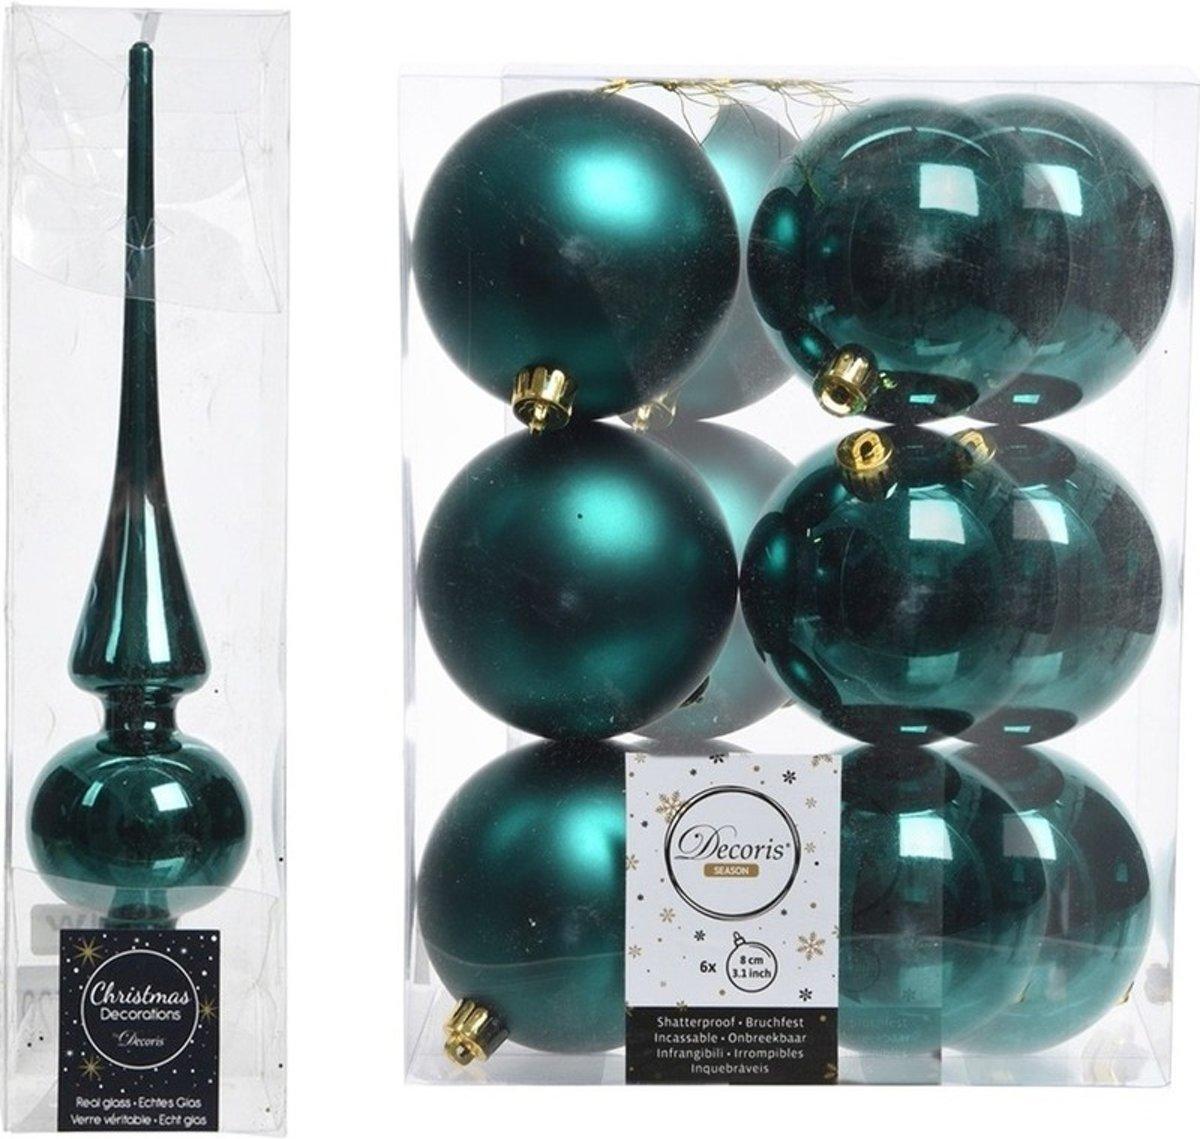 Kerstboom decoratie smaragd groen piek en 12x kerstballen 8 cm kopen